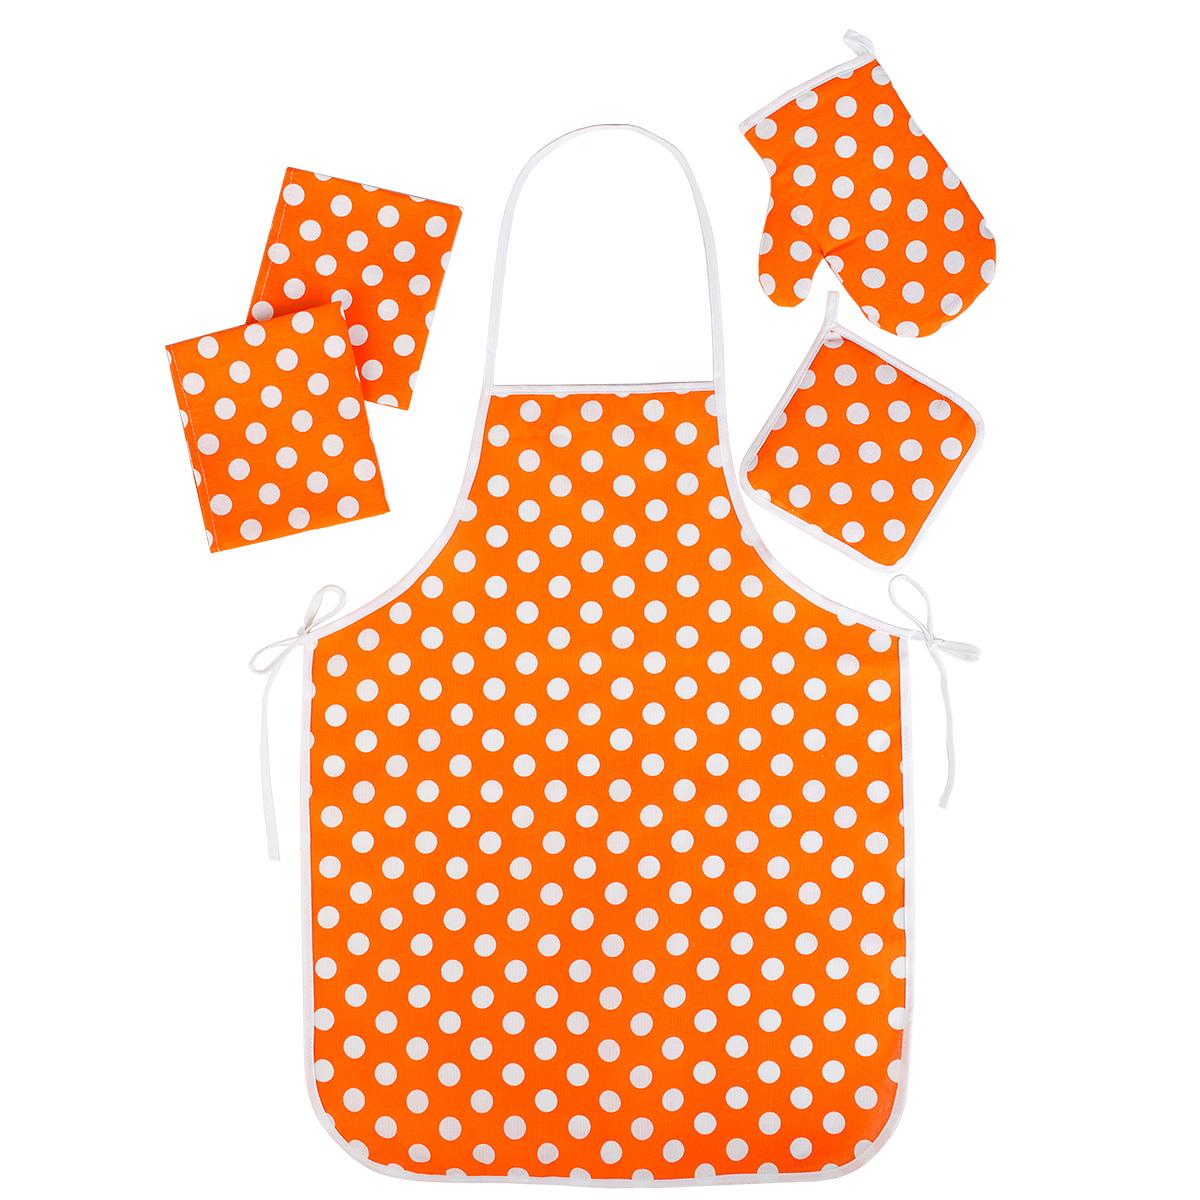 """Кухонные принадлежности """"Горошек"""" Оранжевый р. 5 пред. — Горошек Оранжевый"""